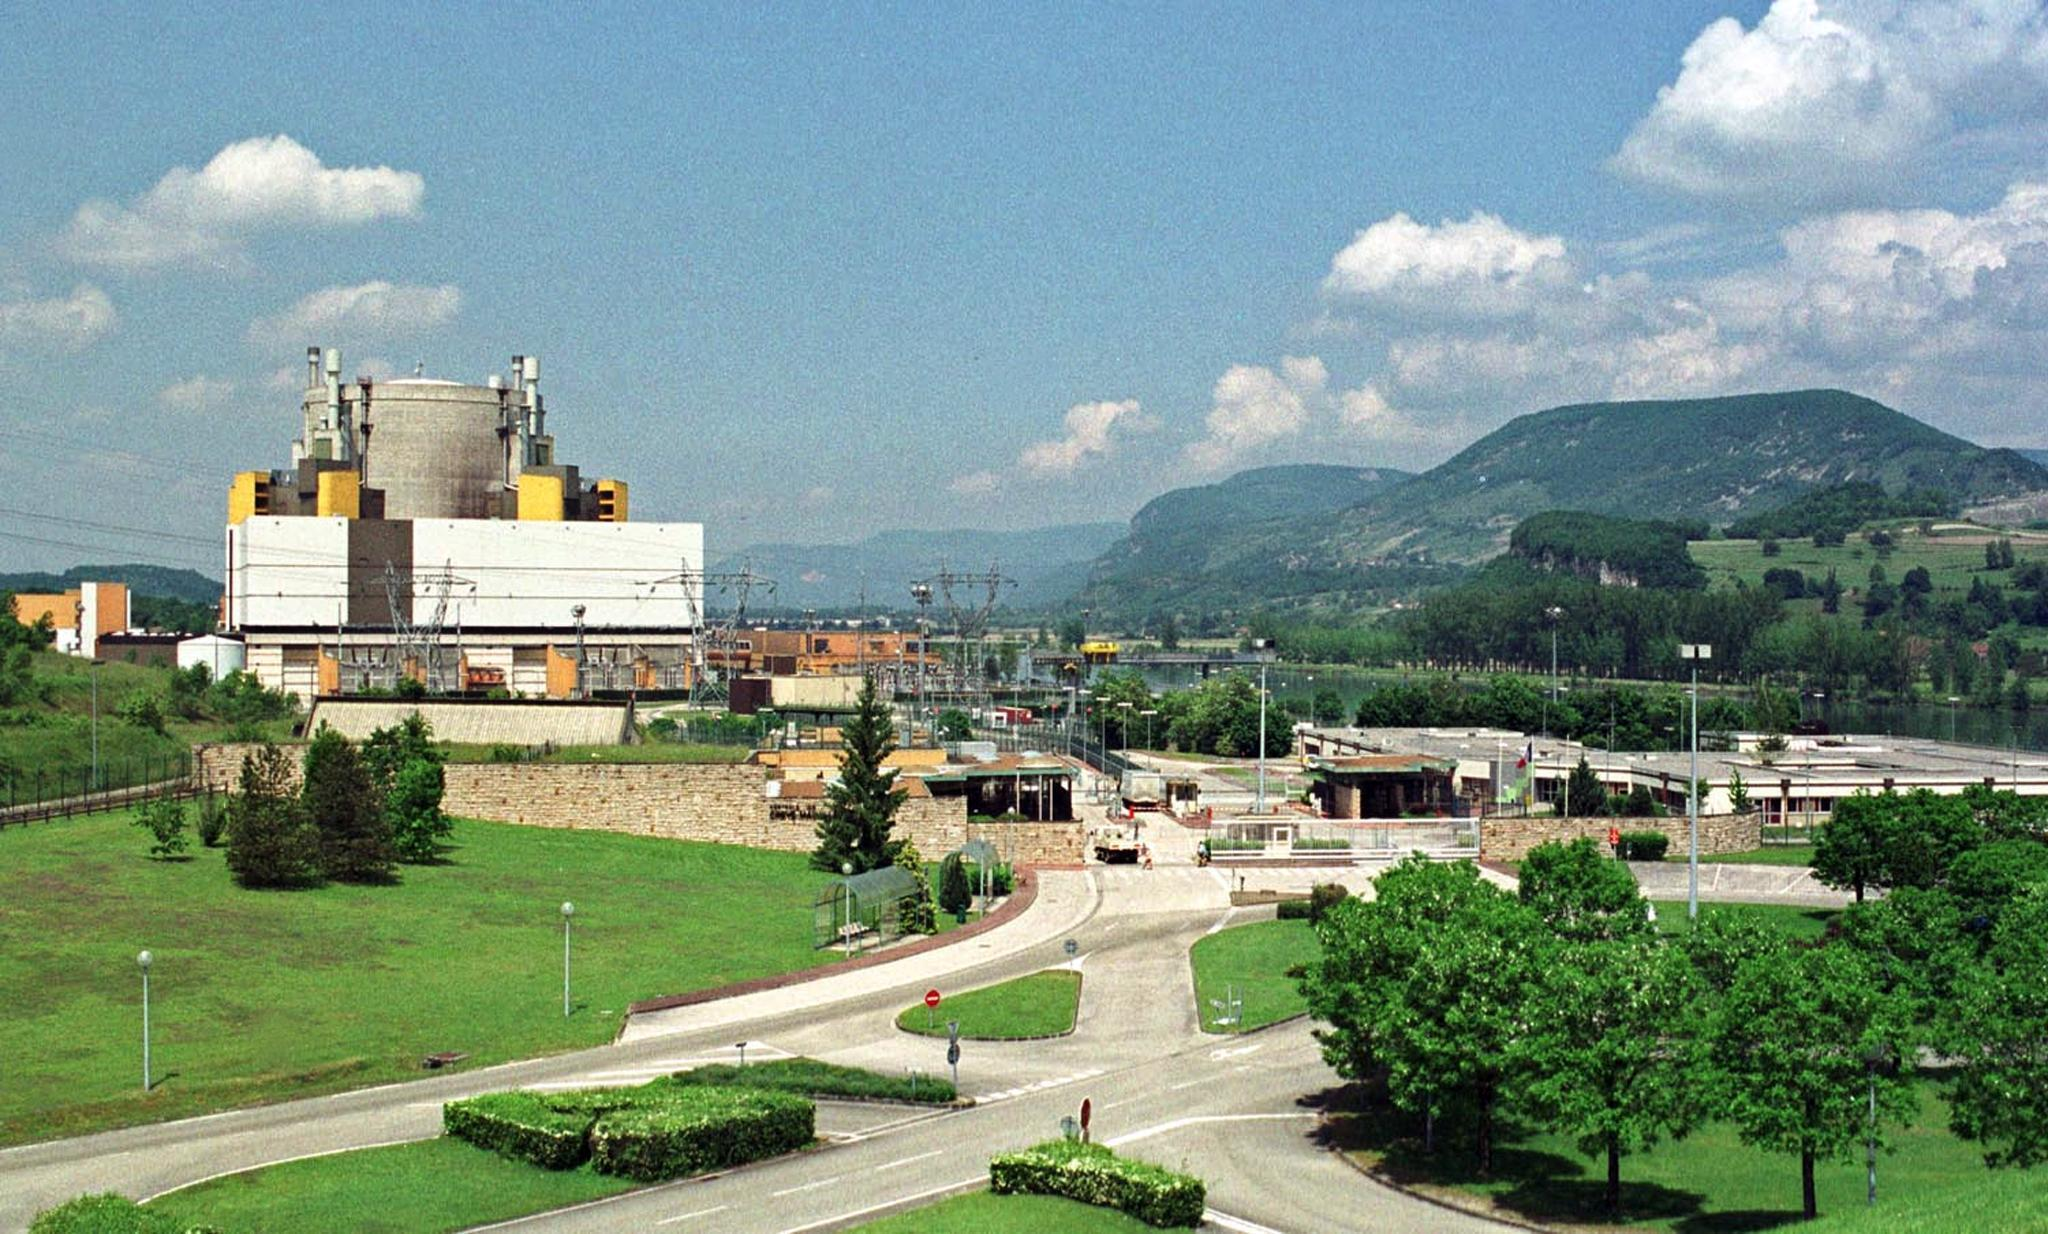 Nhà máy hạt nhân Creys-Malville.